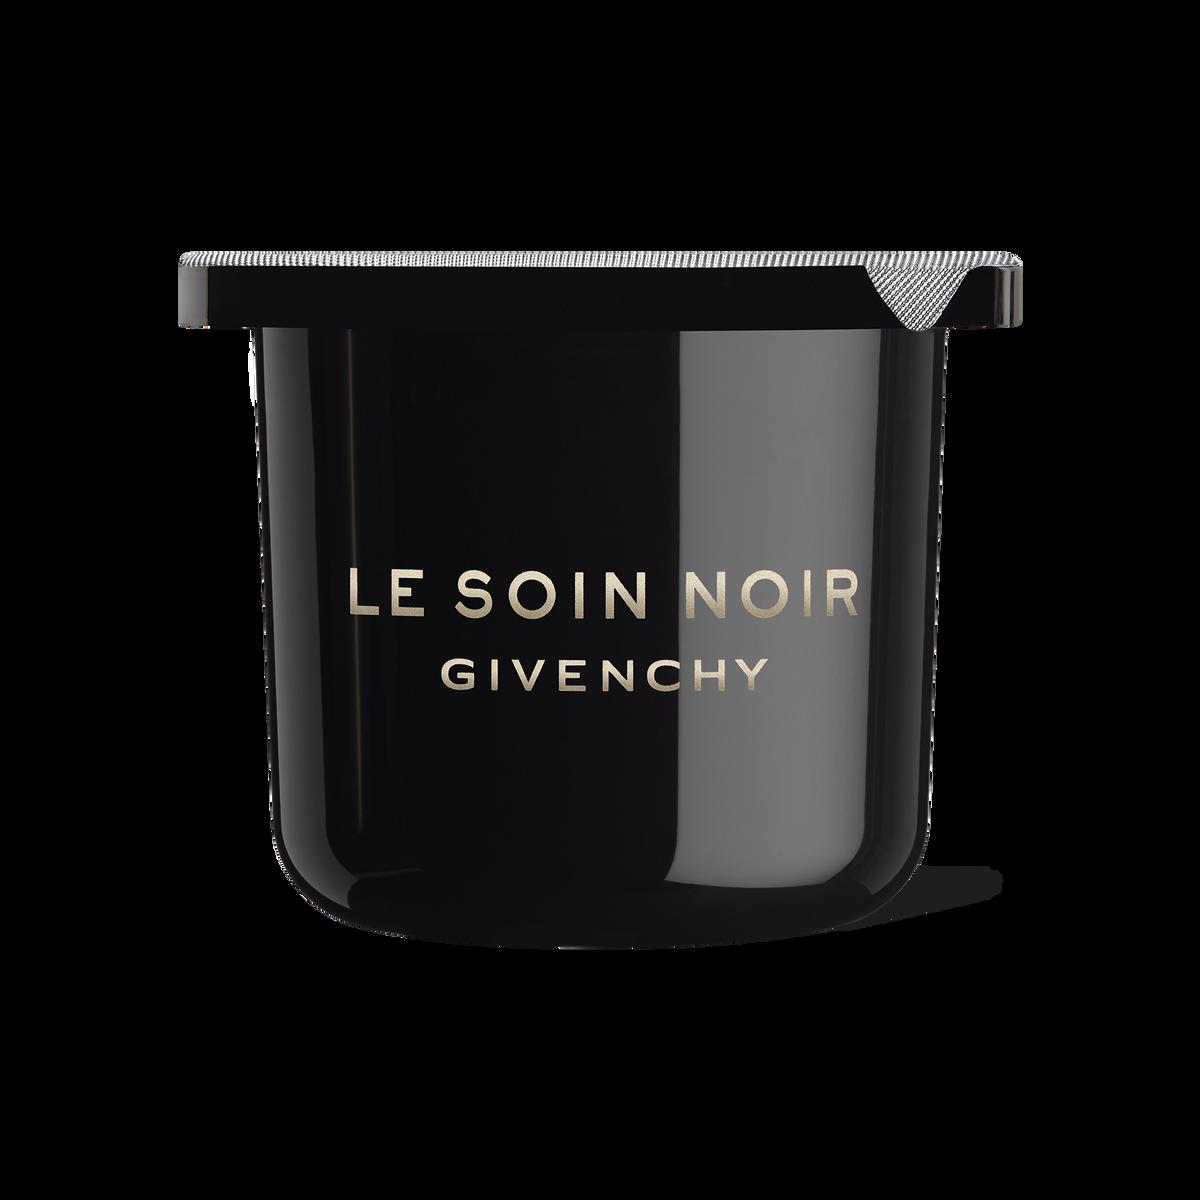 Le Soin Noir Face Cream Refill